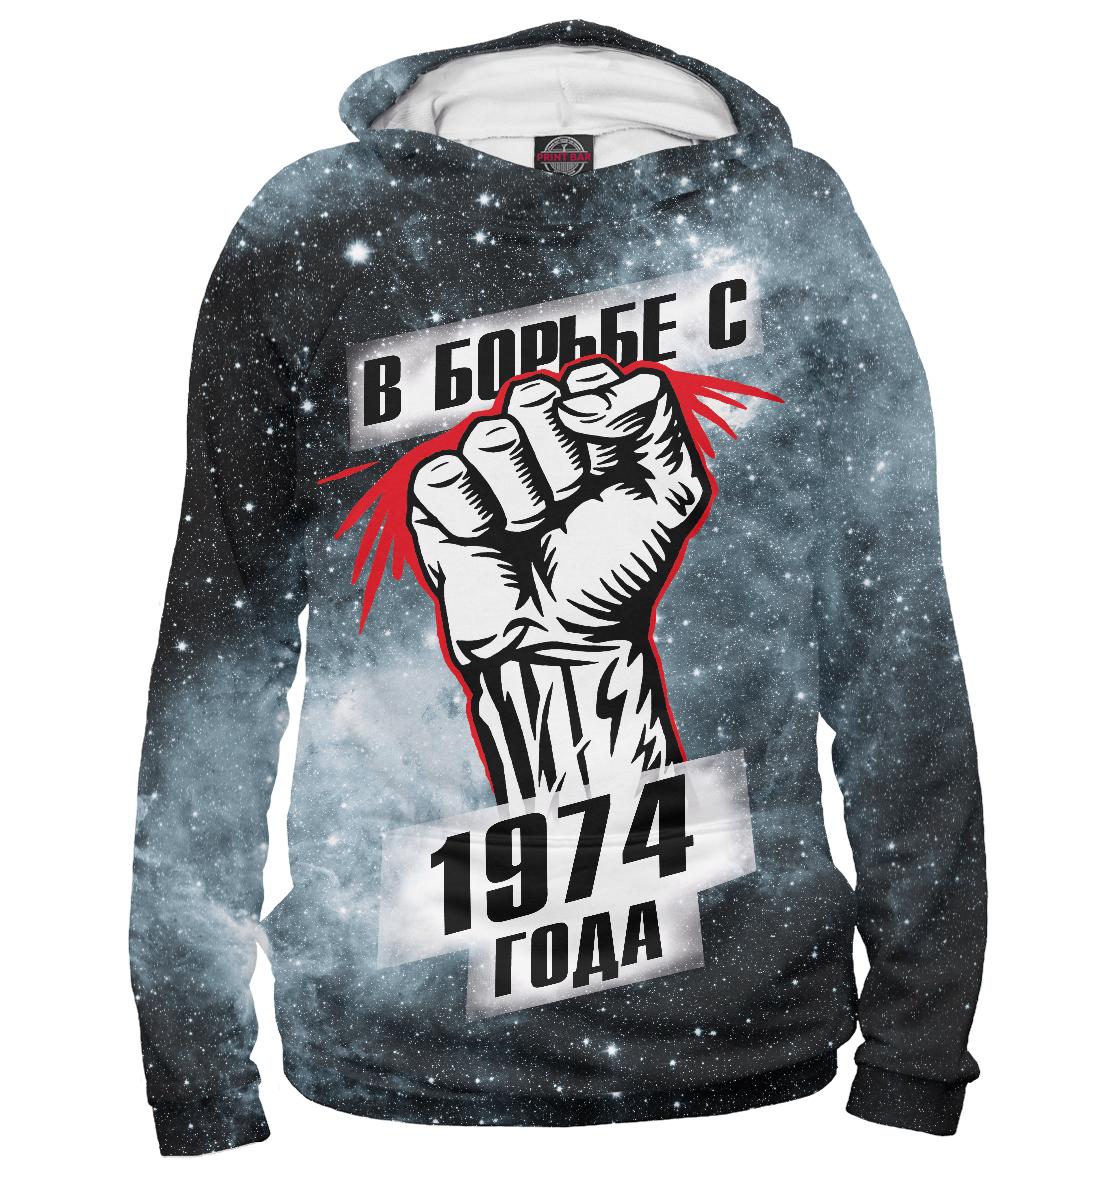 Купить В борьбе с 1974 года, Printbar, Худи, DSC-149087-hud-2